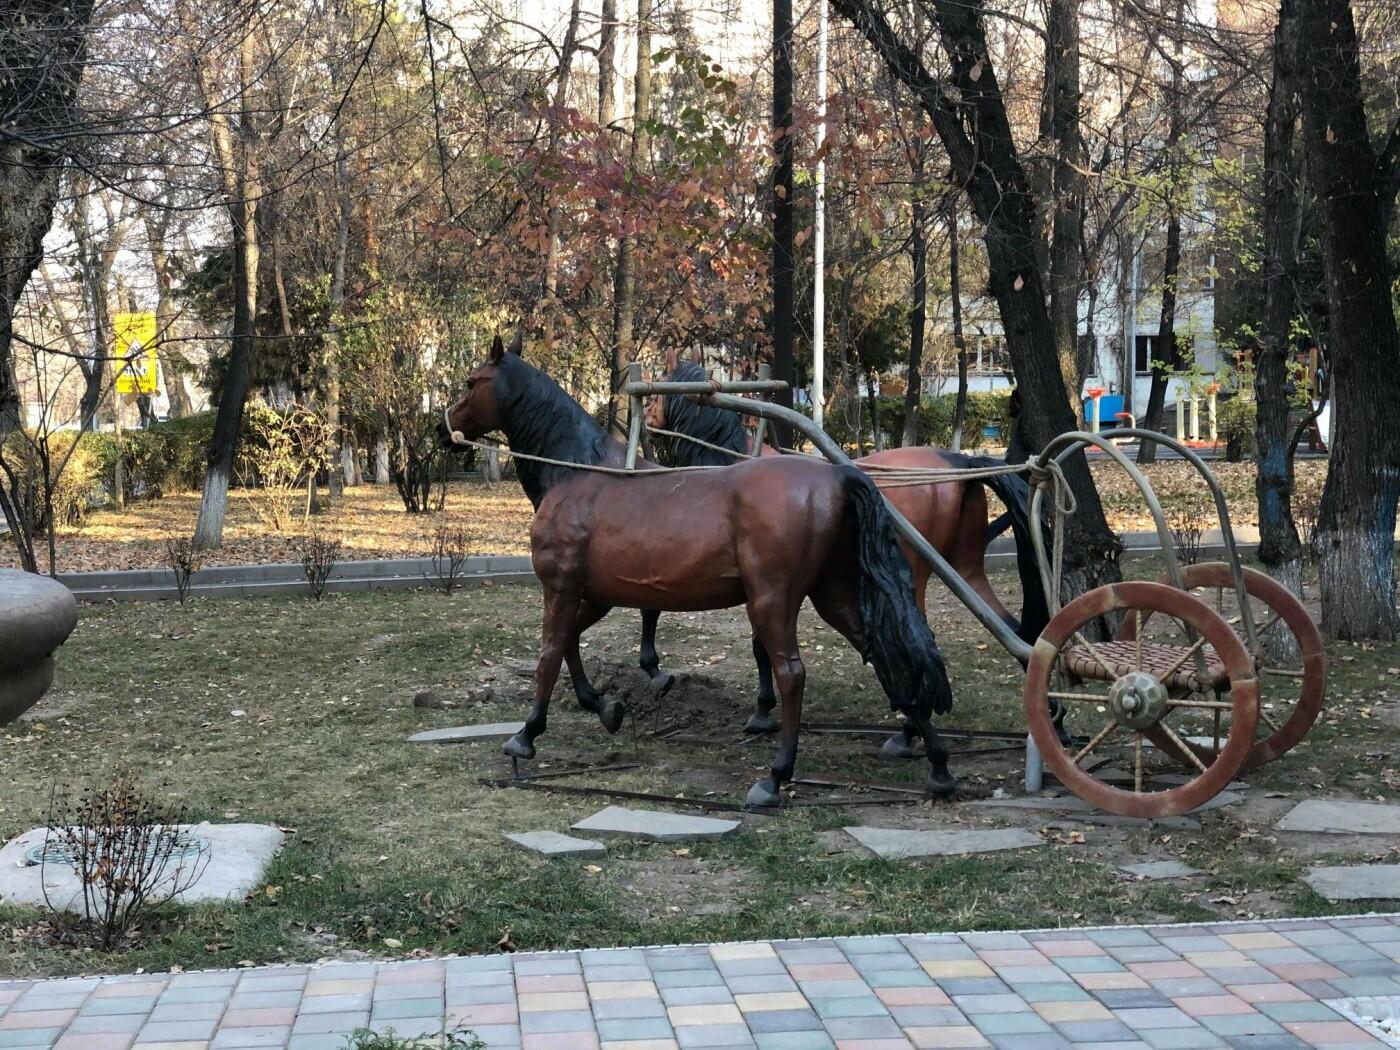 Реконструкцию колесницы эпохи бронзы установили по улице Кабанбай батыра в Алматы, фото-1